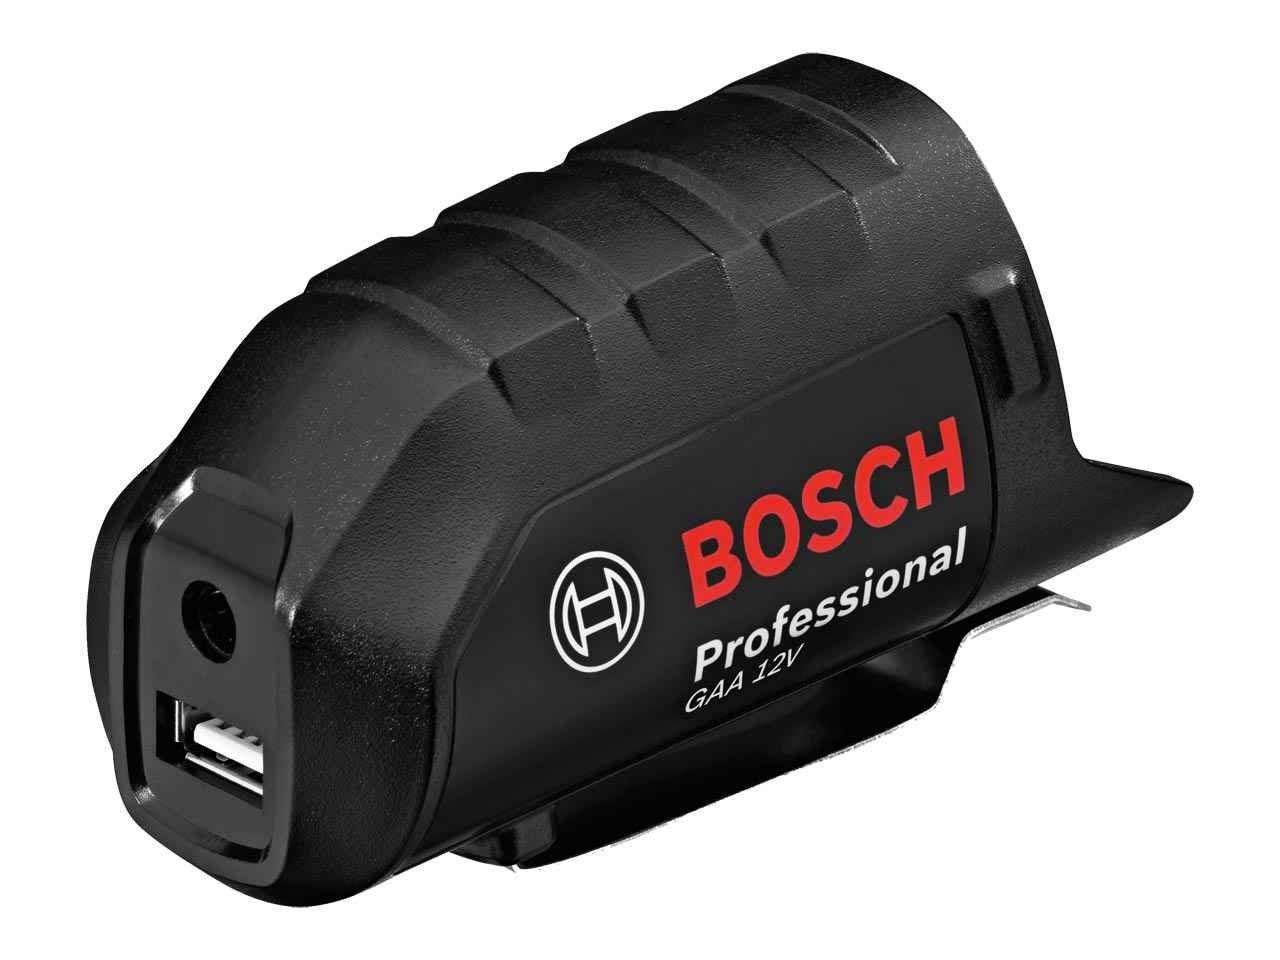 bosch 061880004j 12v usb battery charger adaptor gaa12. Black Bedroom Furniture Sets. Home Design Ideas